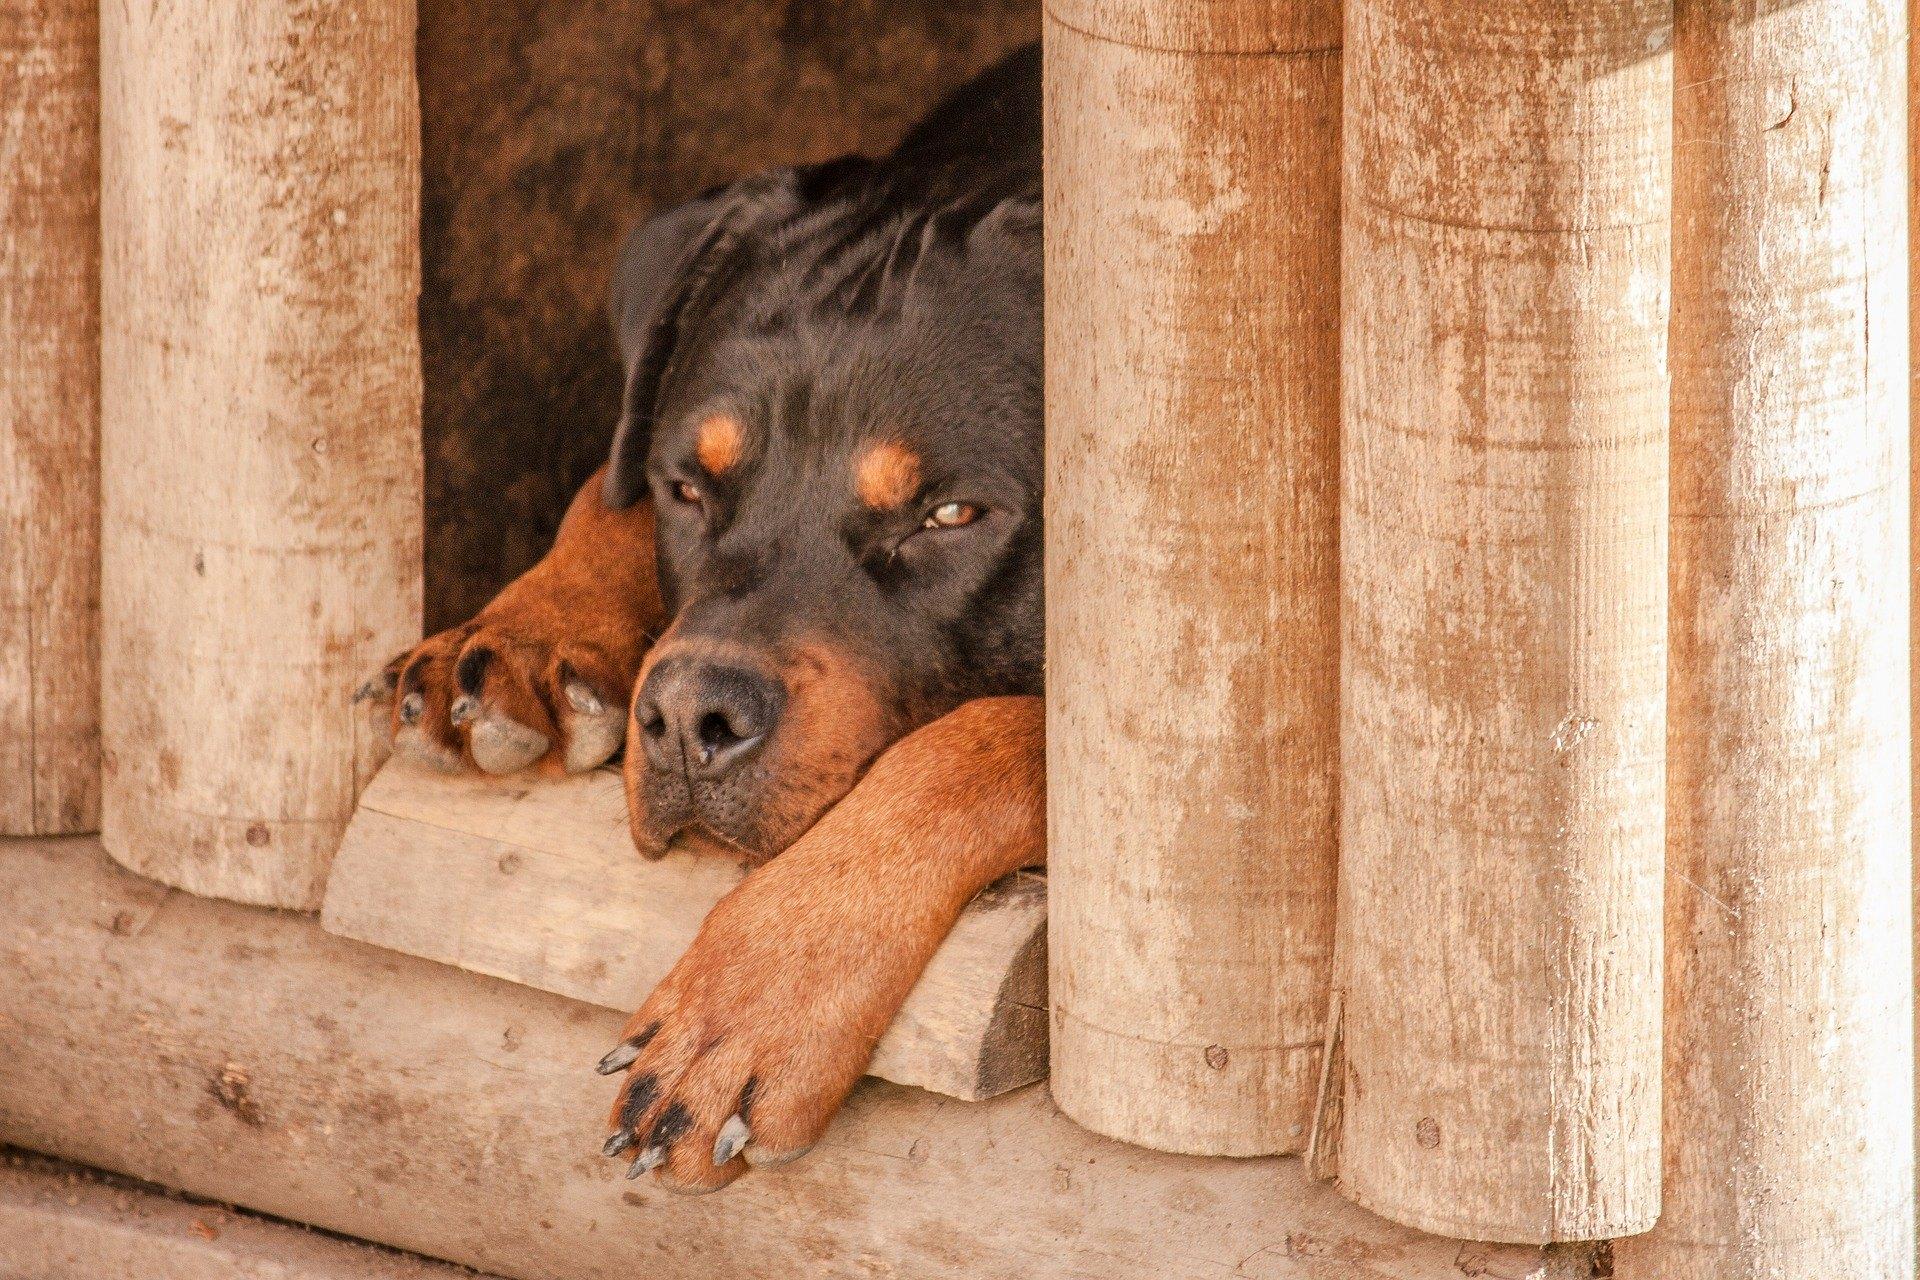 Der Bau eines Hundezwingers sollte die Bedürfnisse seines Bewohners berücksichtigen. Es muss bequem, warm und gemütlich sein.